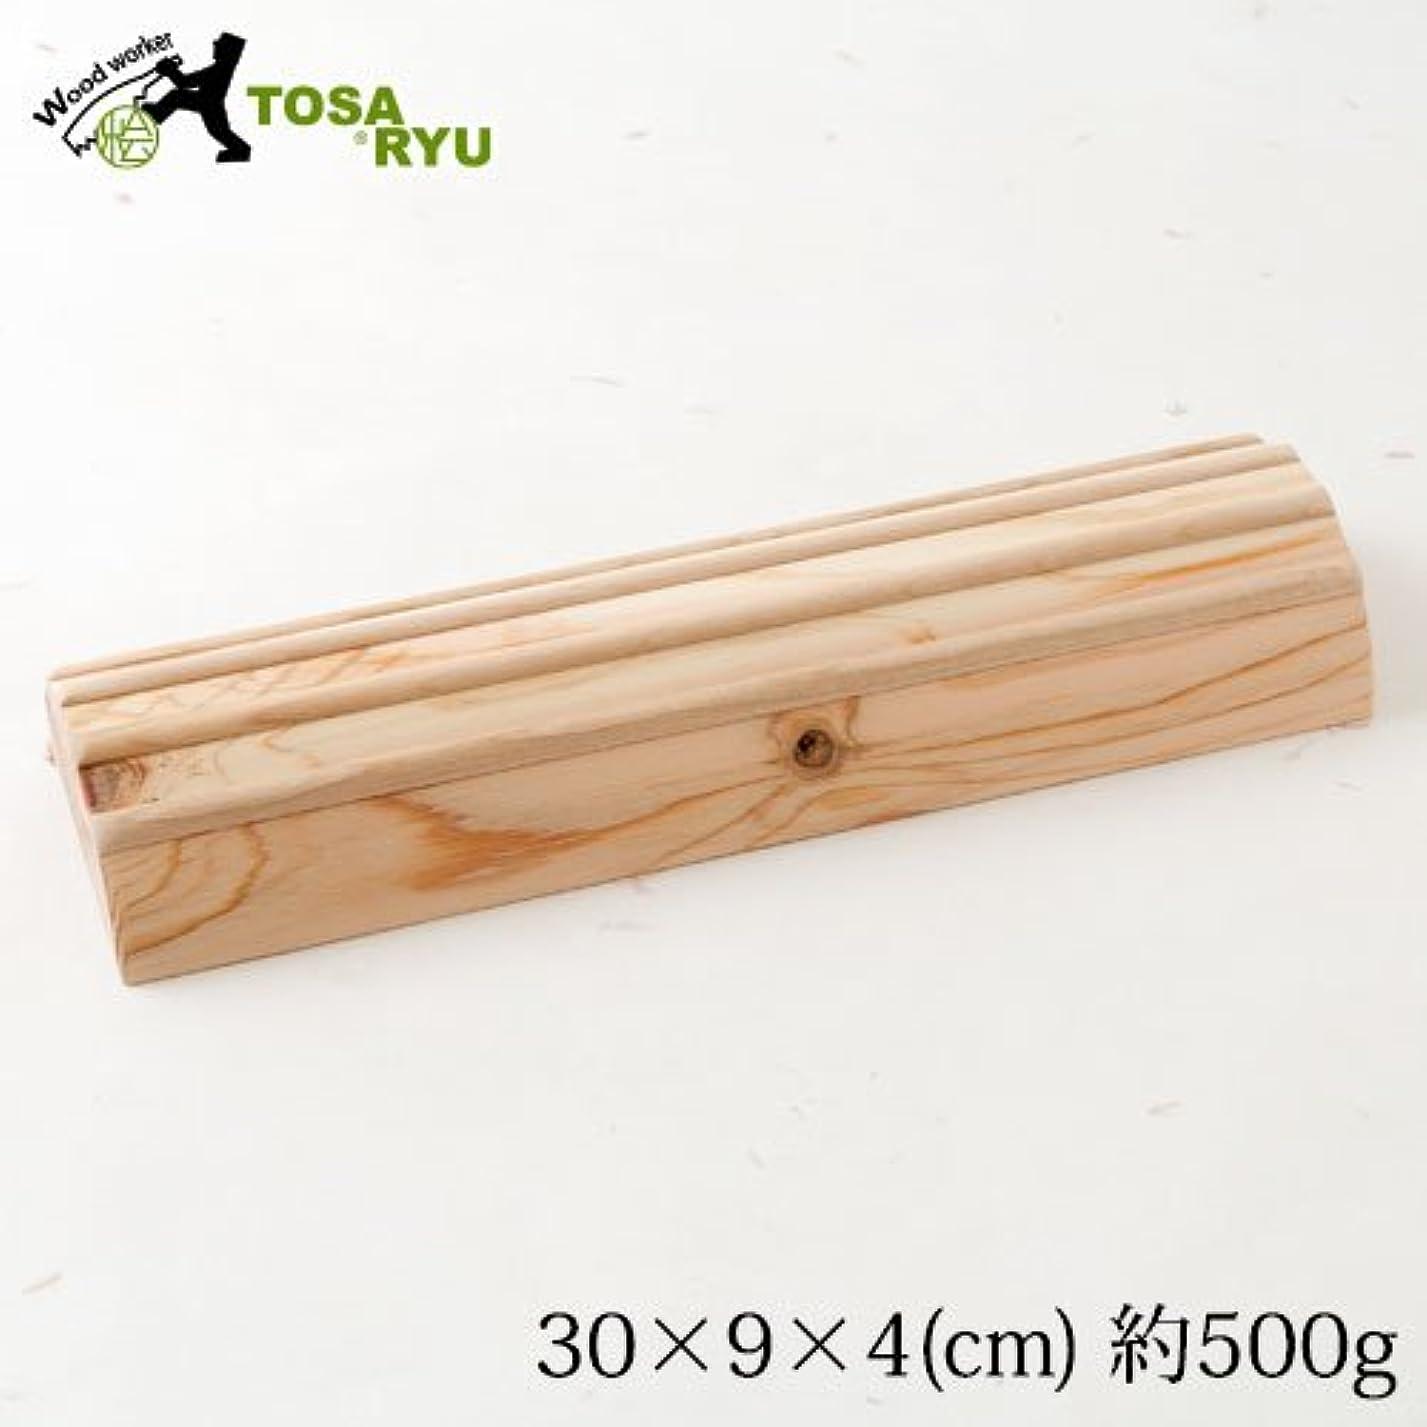 ジレンマ脱走勤勉土佐龍四万十ひのき足踏み高知県の工芸品Cypress Foot Massager, Kochi craft